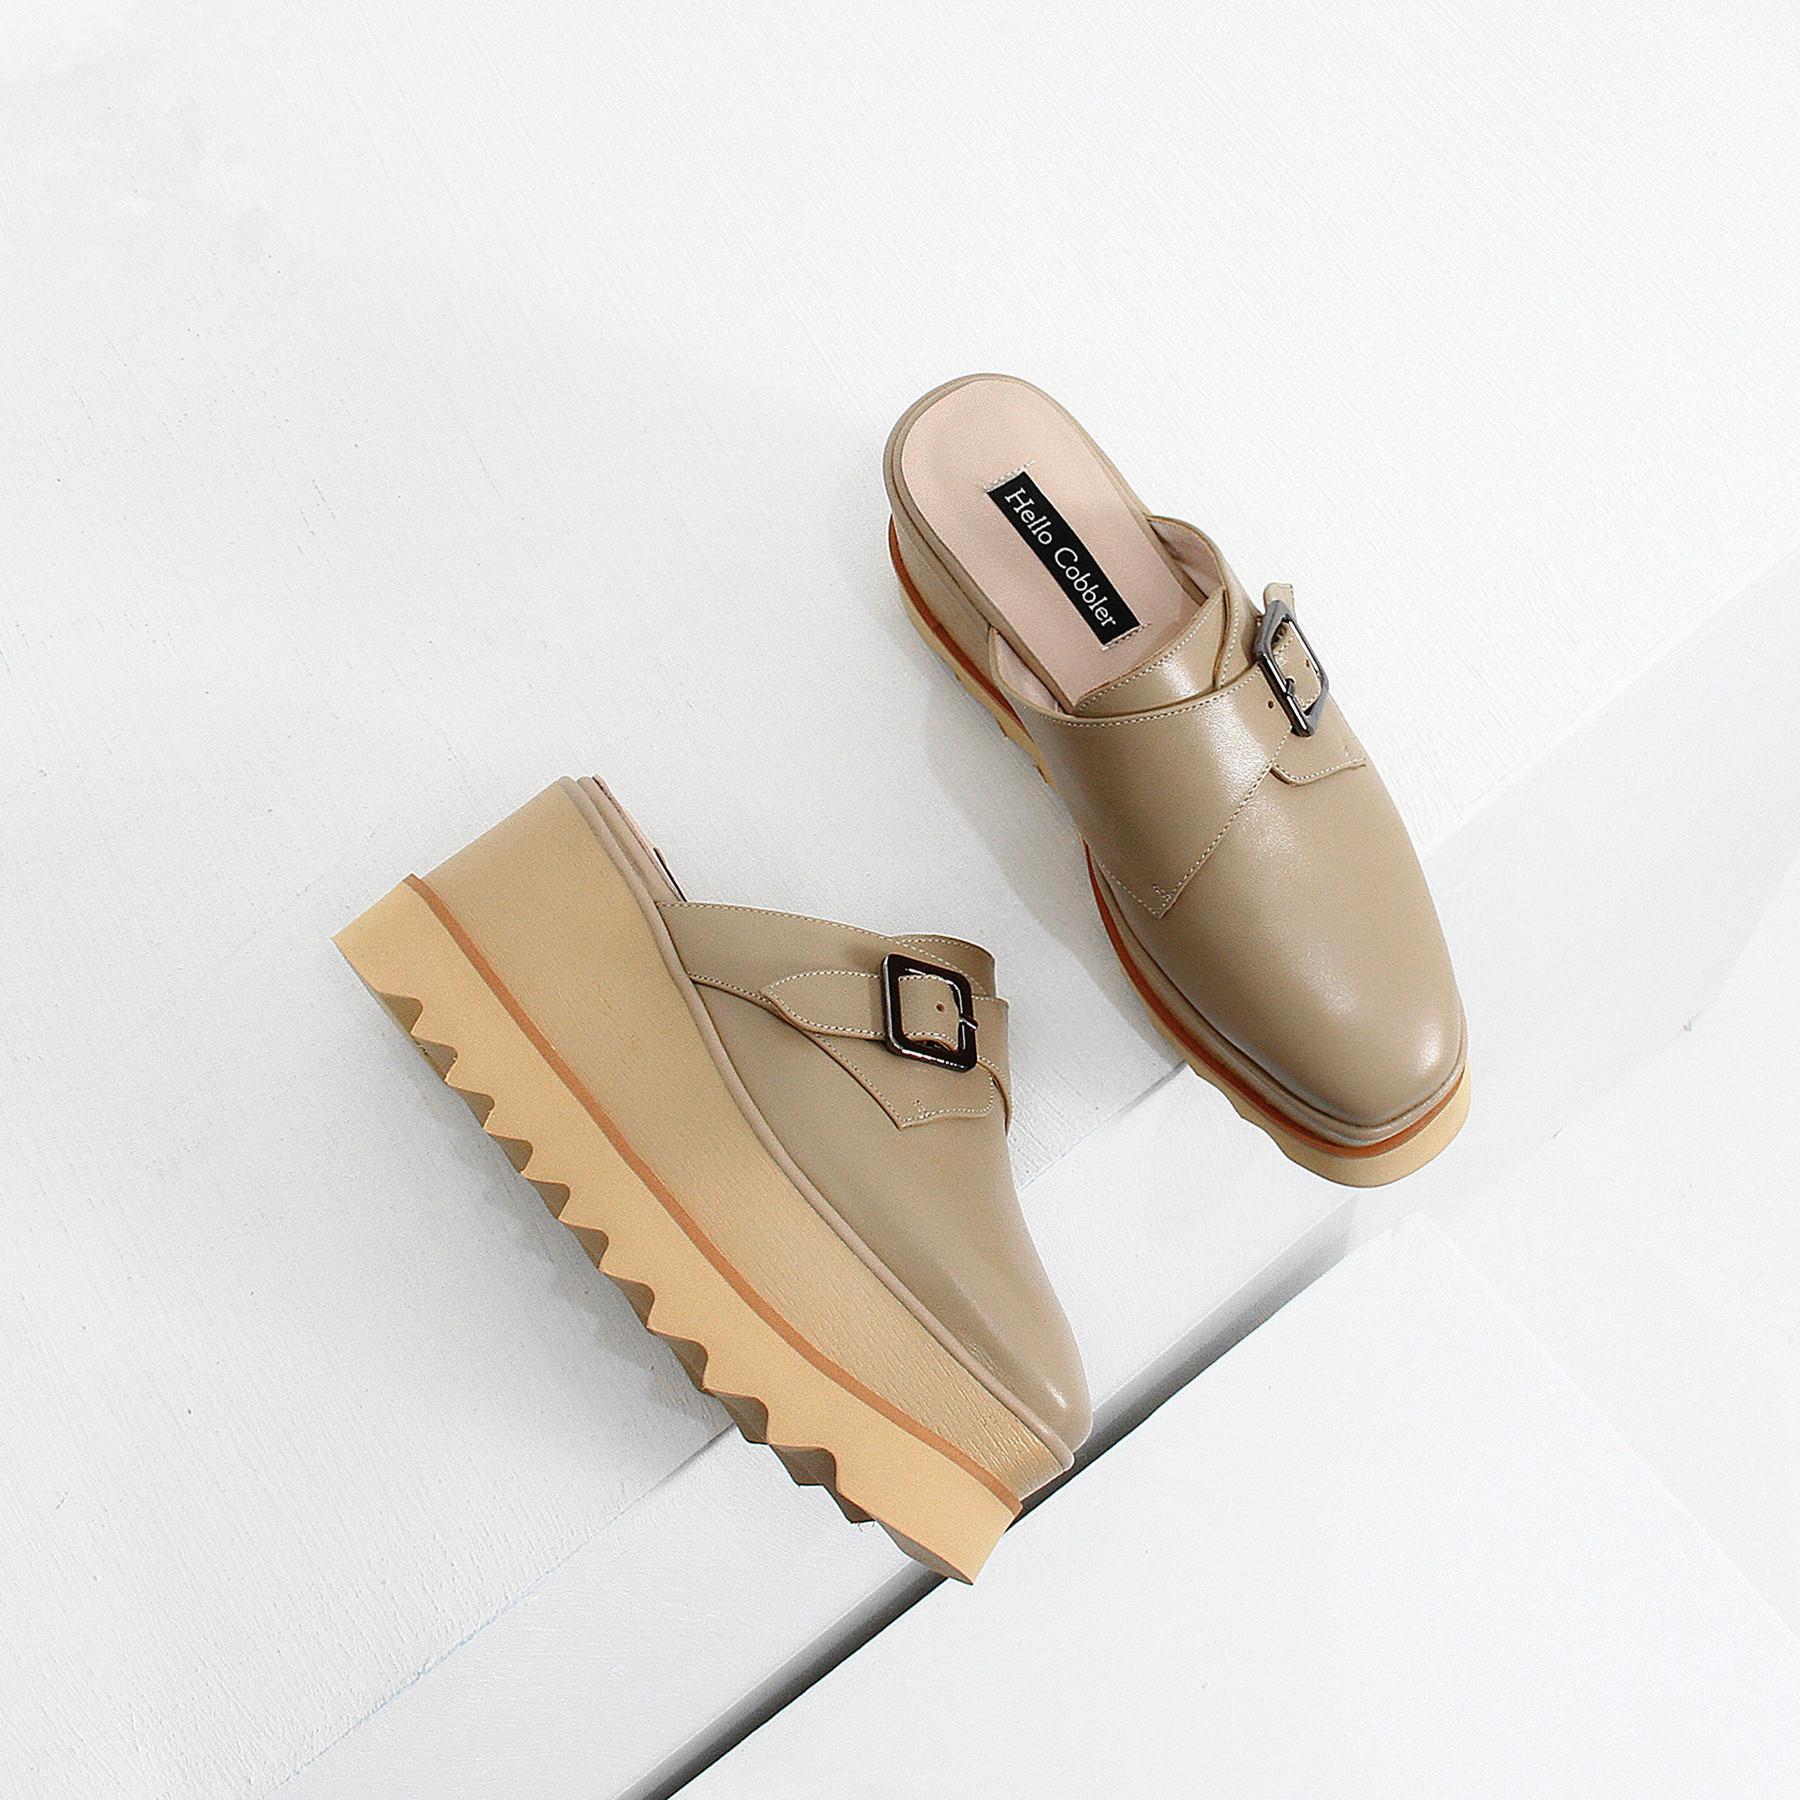 2020春季新款凉拖鞋女皮带扣真皮厚底鞋包头凉鞋防水台增高松糕鞋